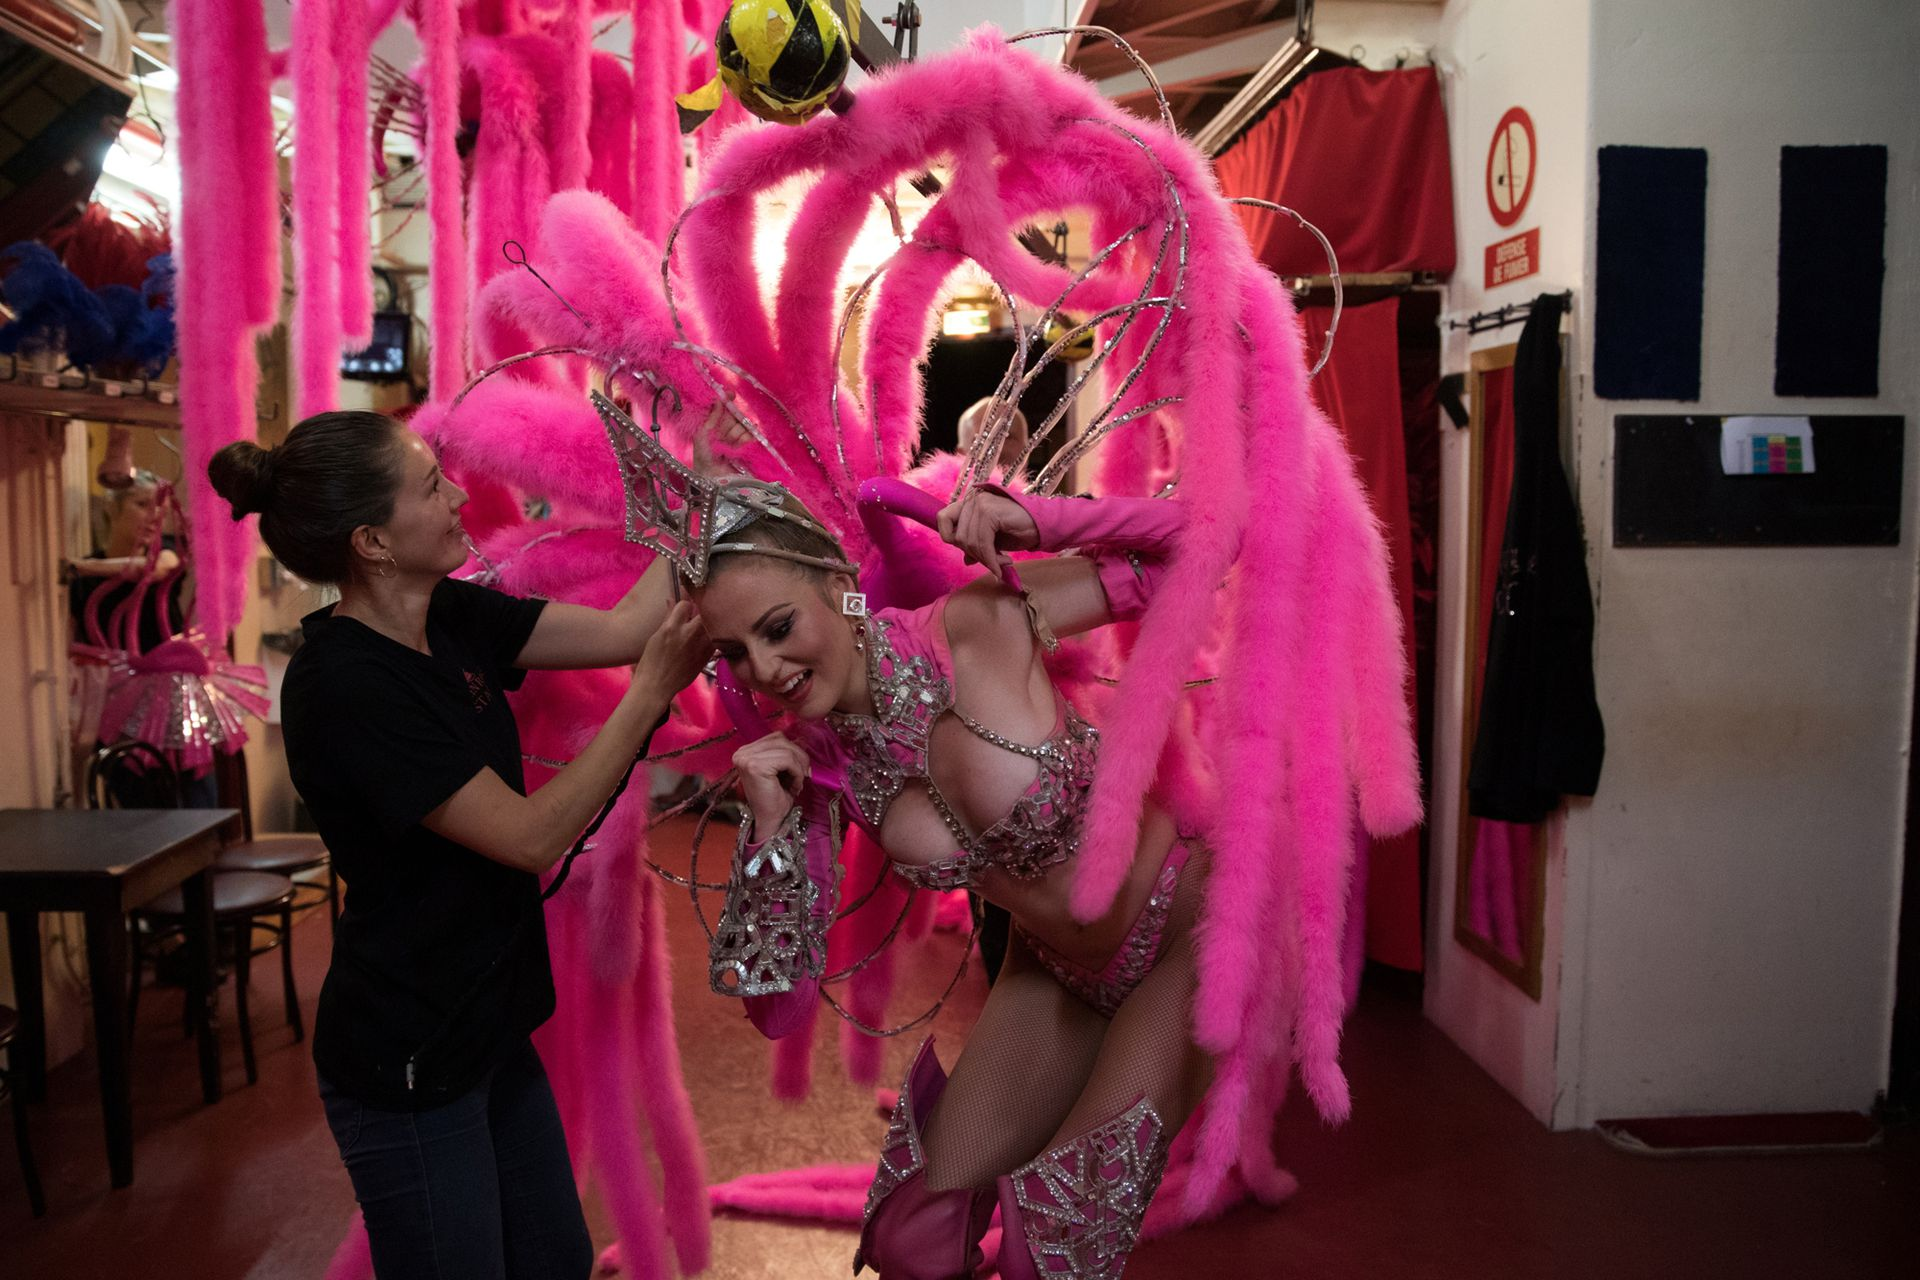 """La bailarina Megan cambia de vestuario mientras se presenta en """"Feerie"""""""